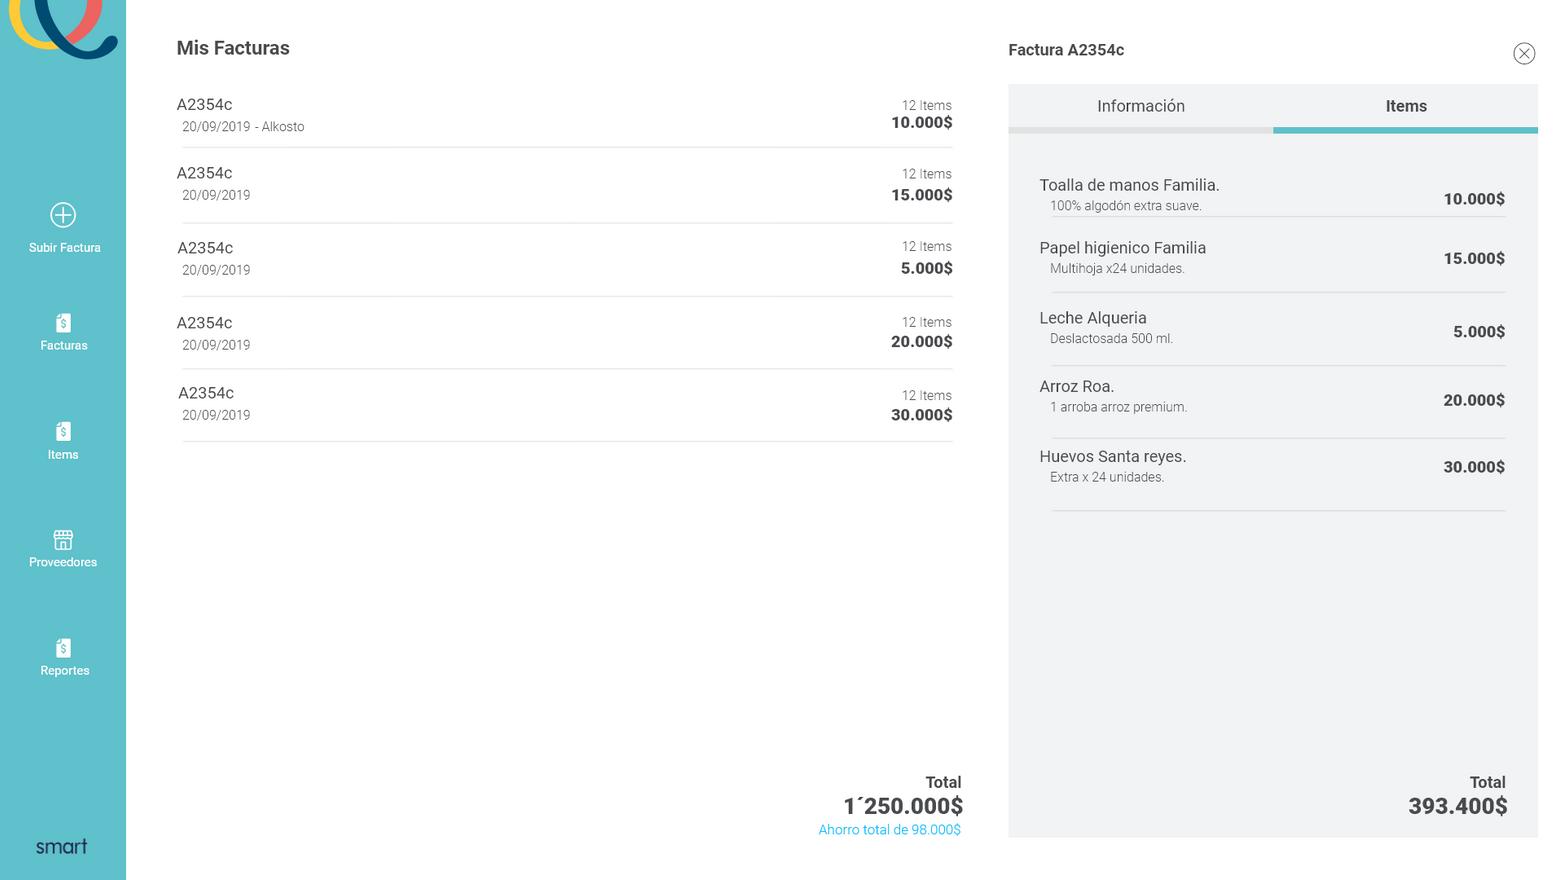 Visualización de facturas